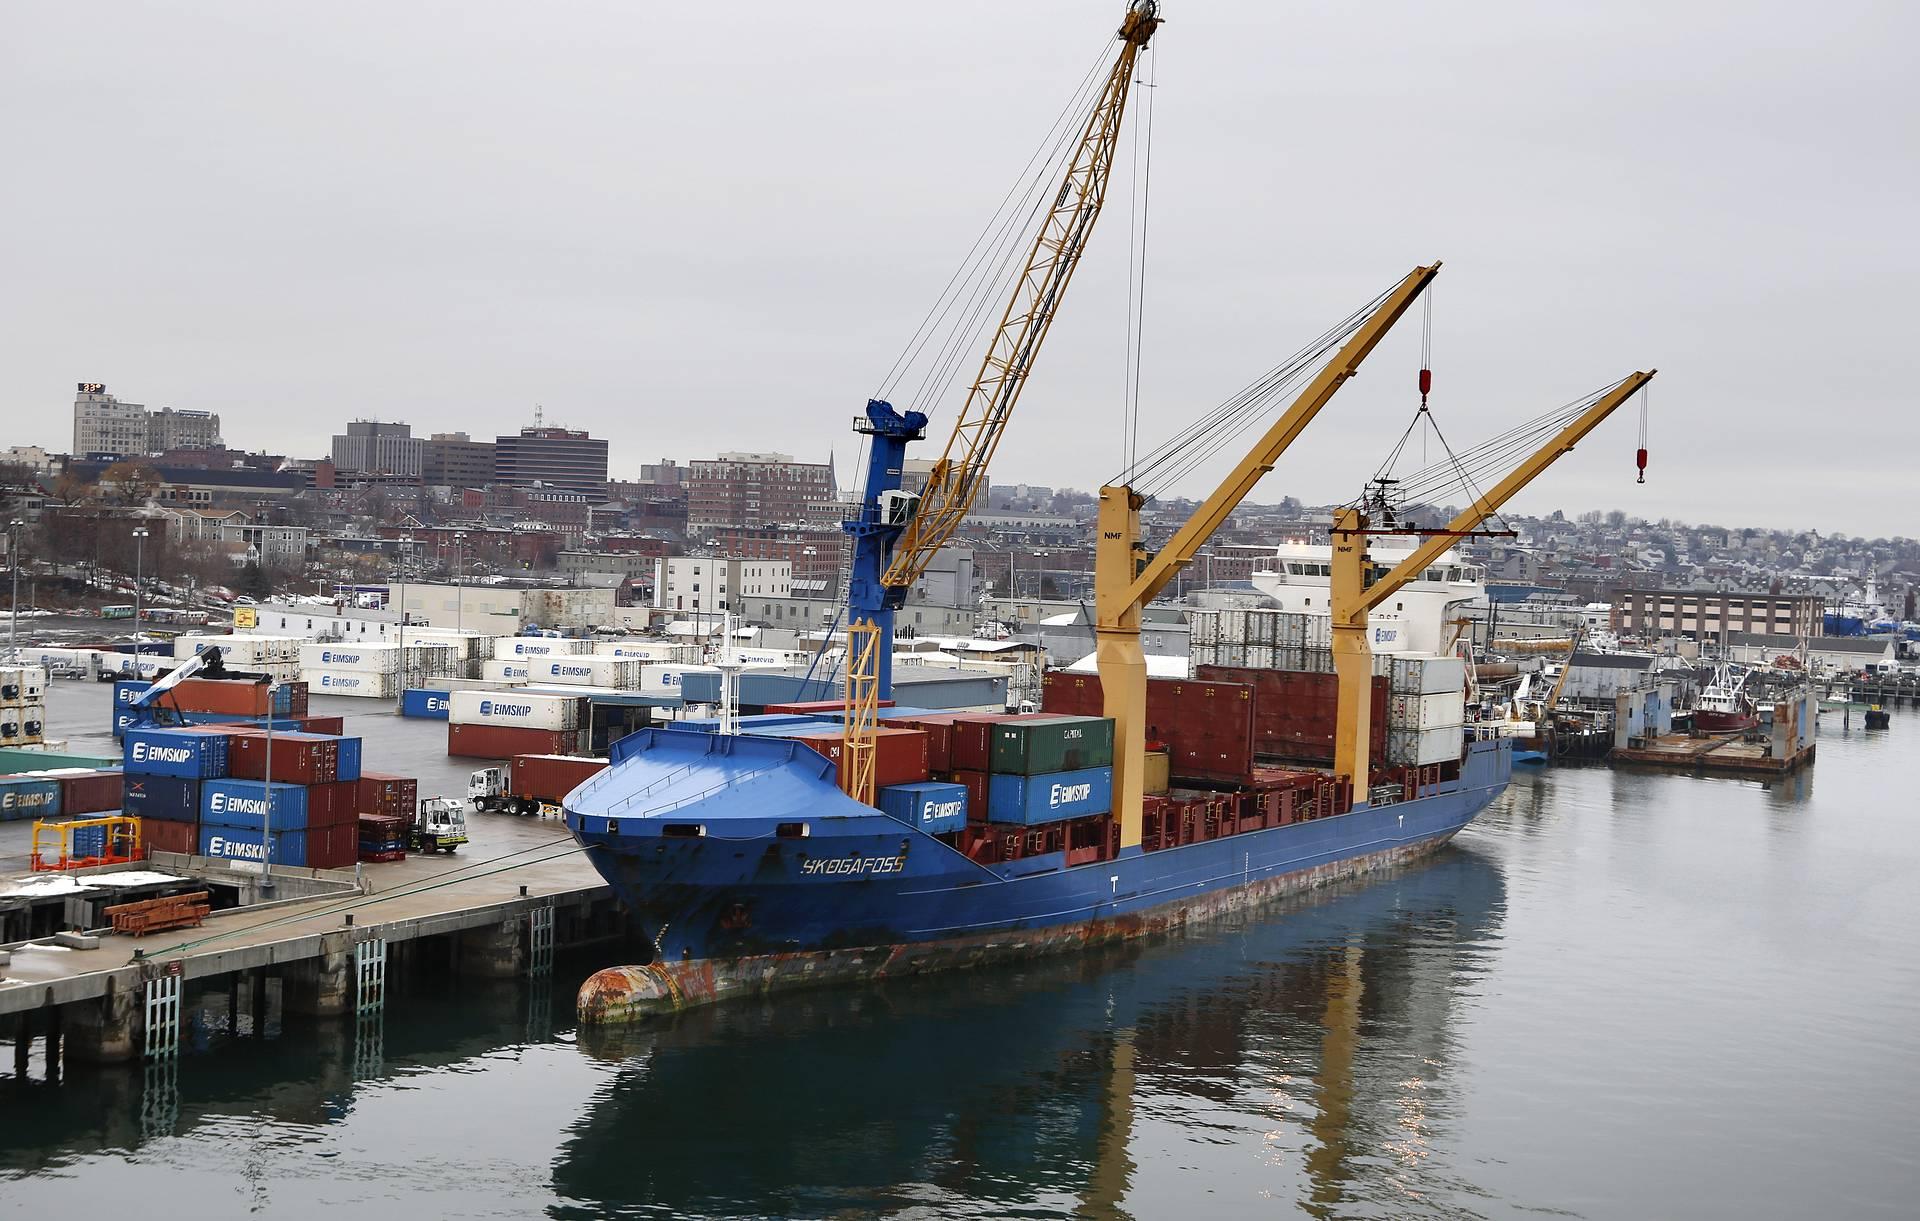 В Великобритании задержали судно с крымчанами на борту